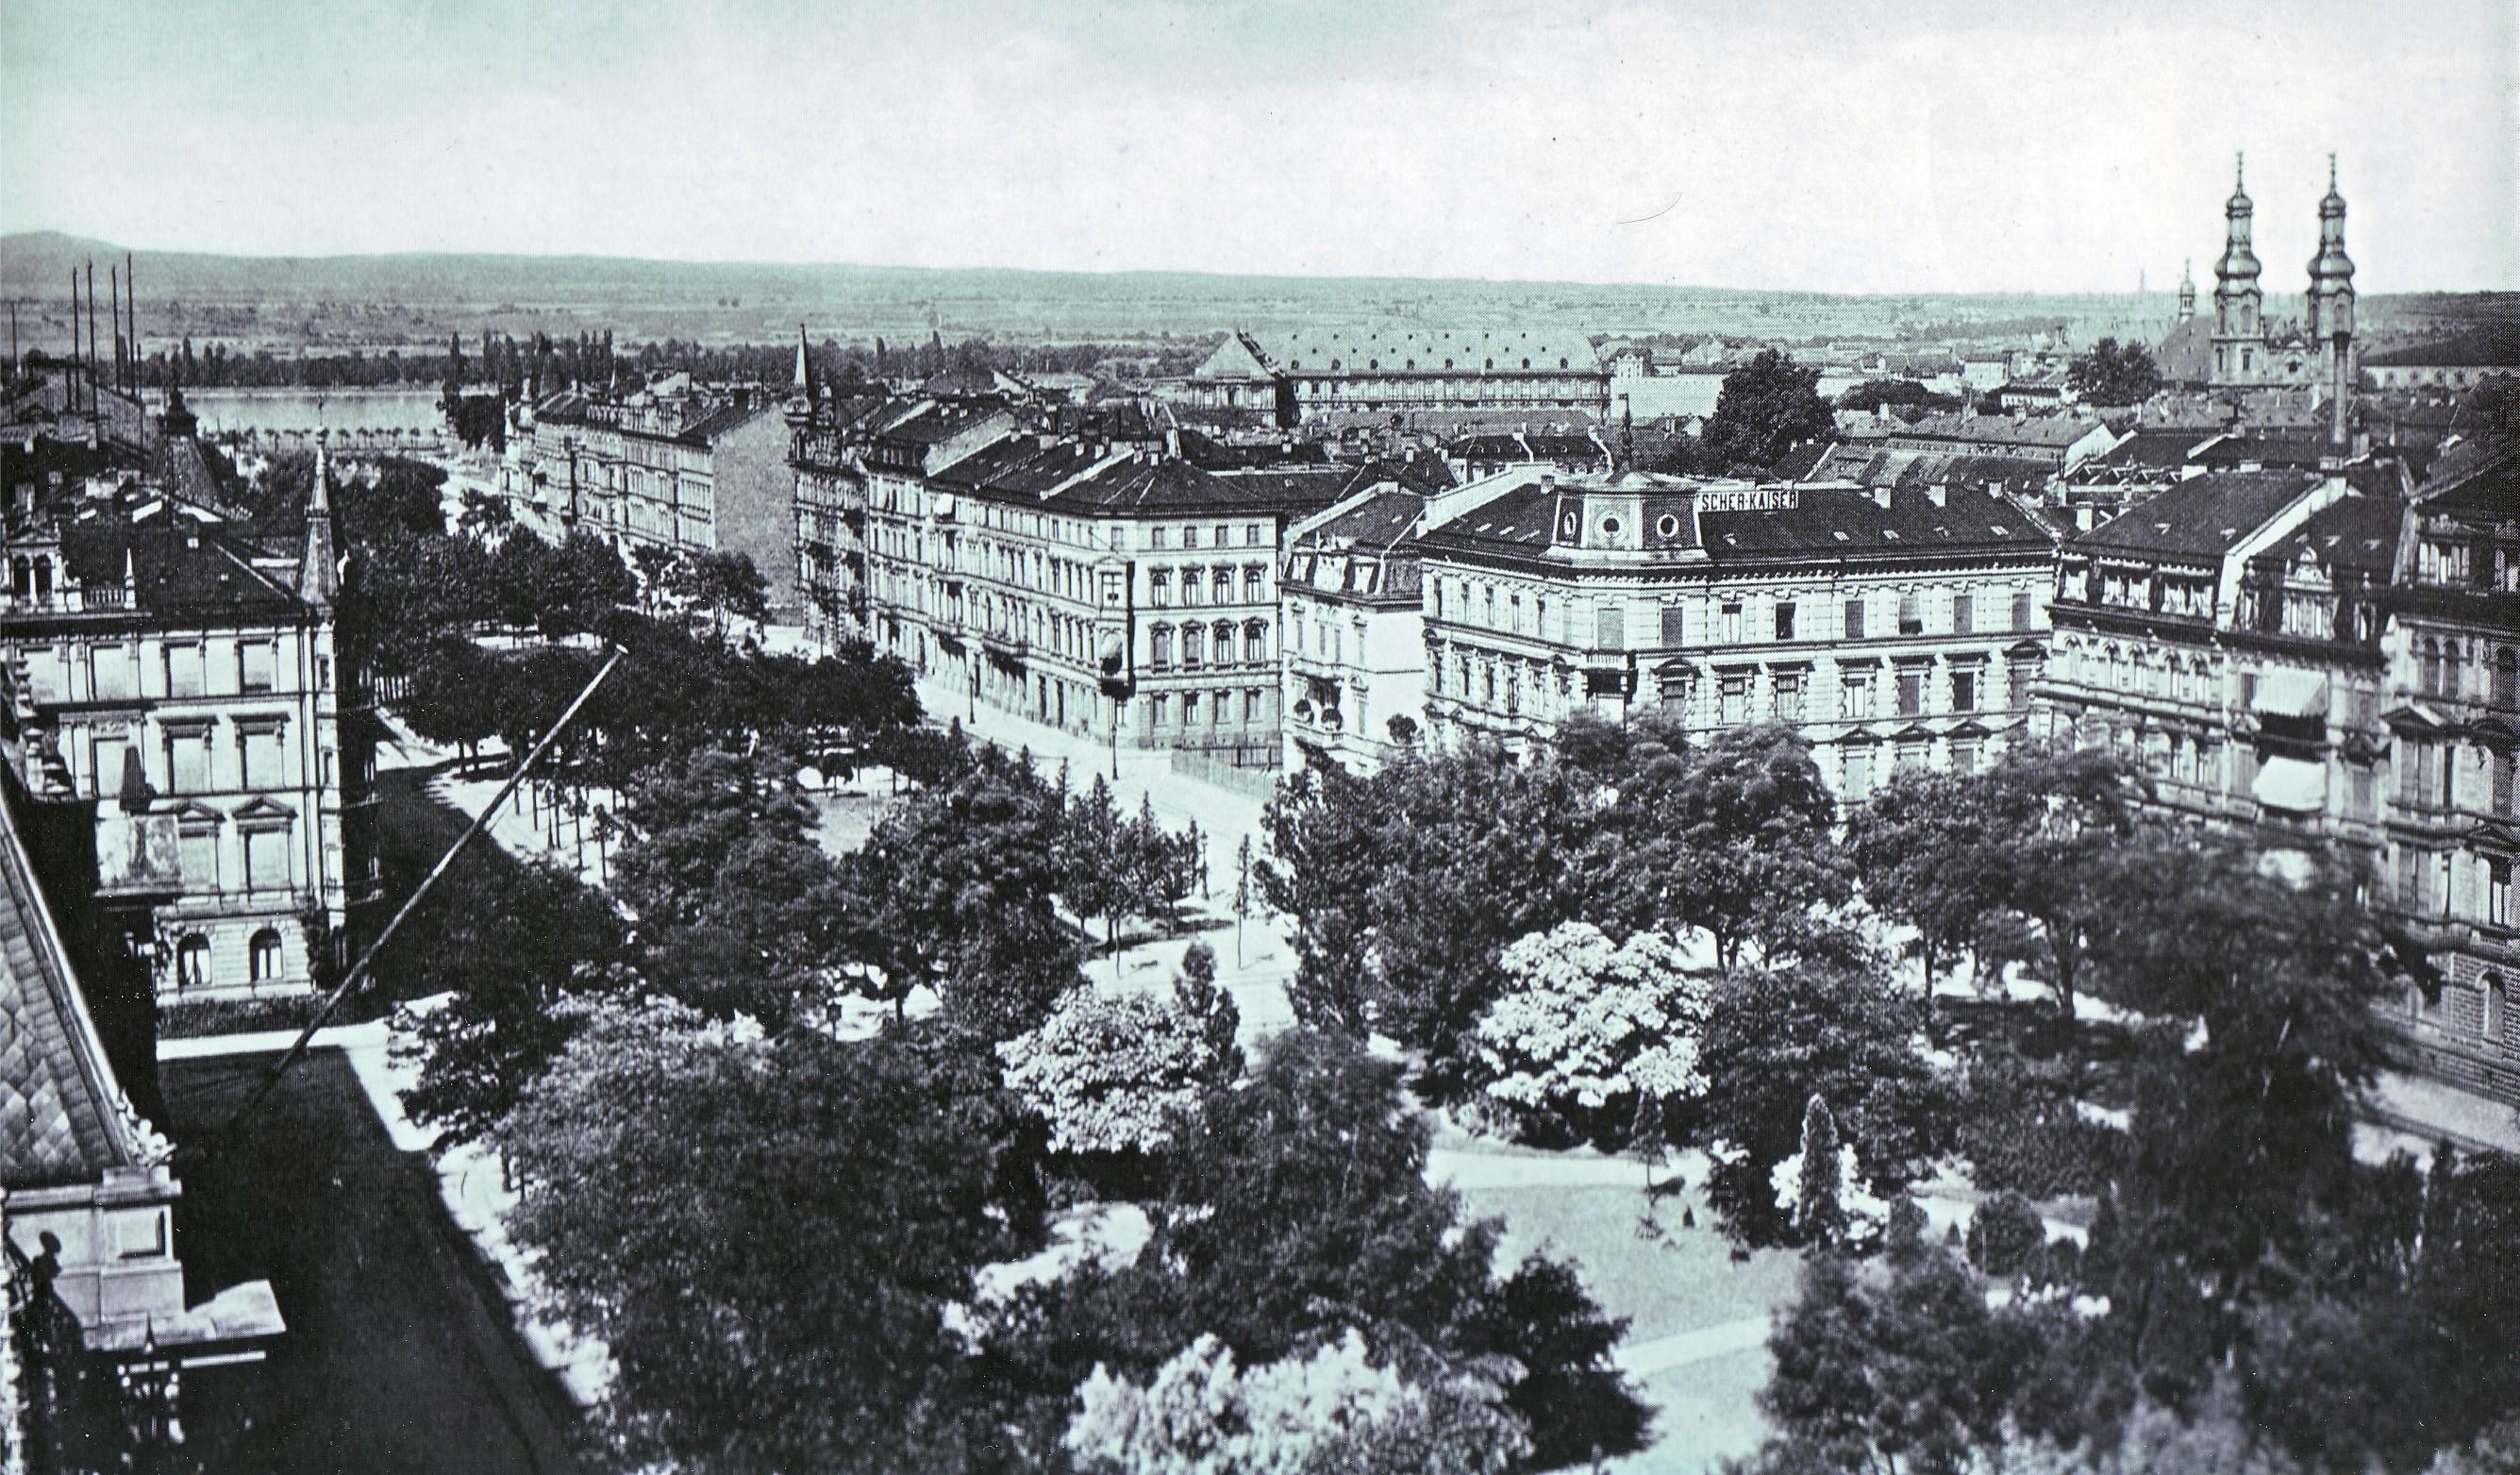 Foto der Kaiserstraße, Mainz, 1892; Quelle: wikipedia